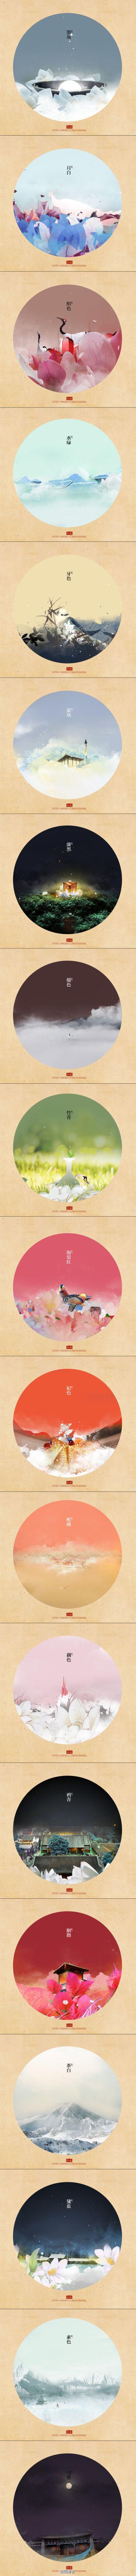 色彩&传统文化:中国传统色彩及其称谓|微...